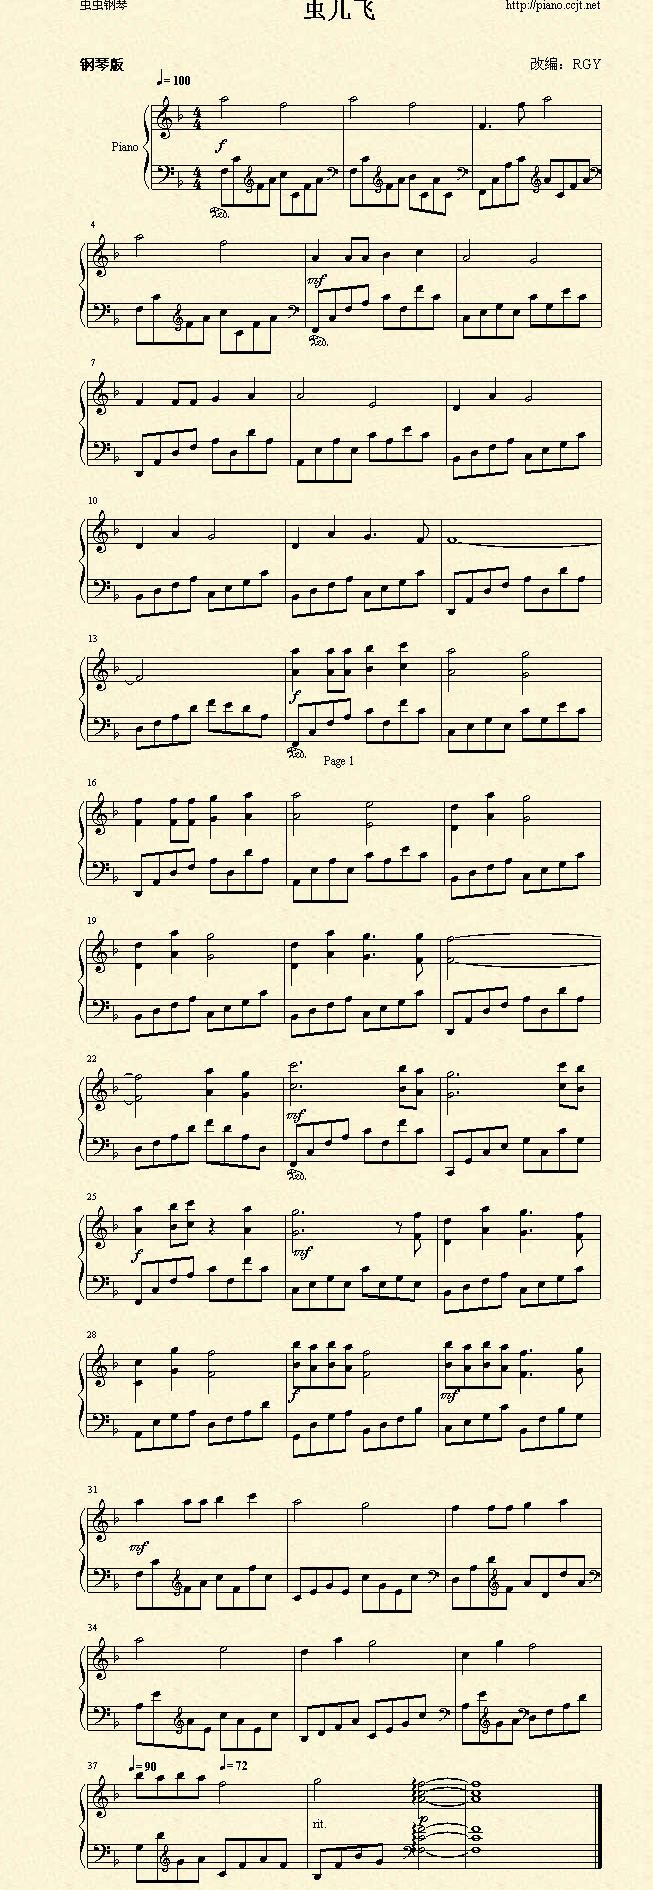 《虫儿飞》 - 钢琴谱_钢琴曲谱